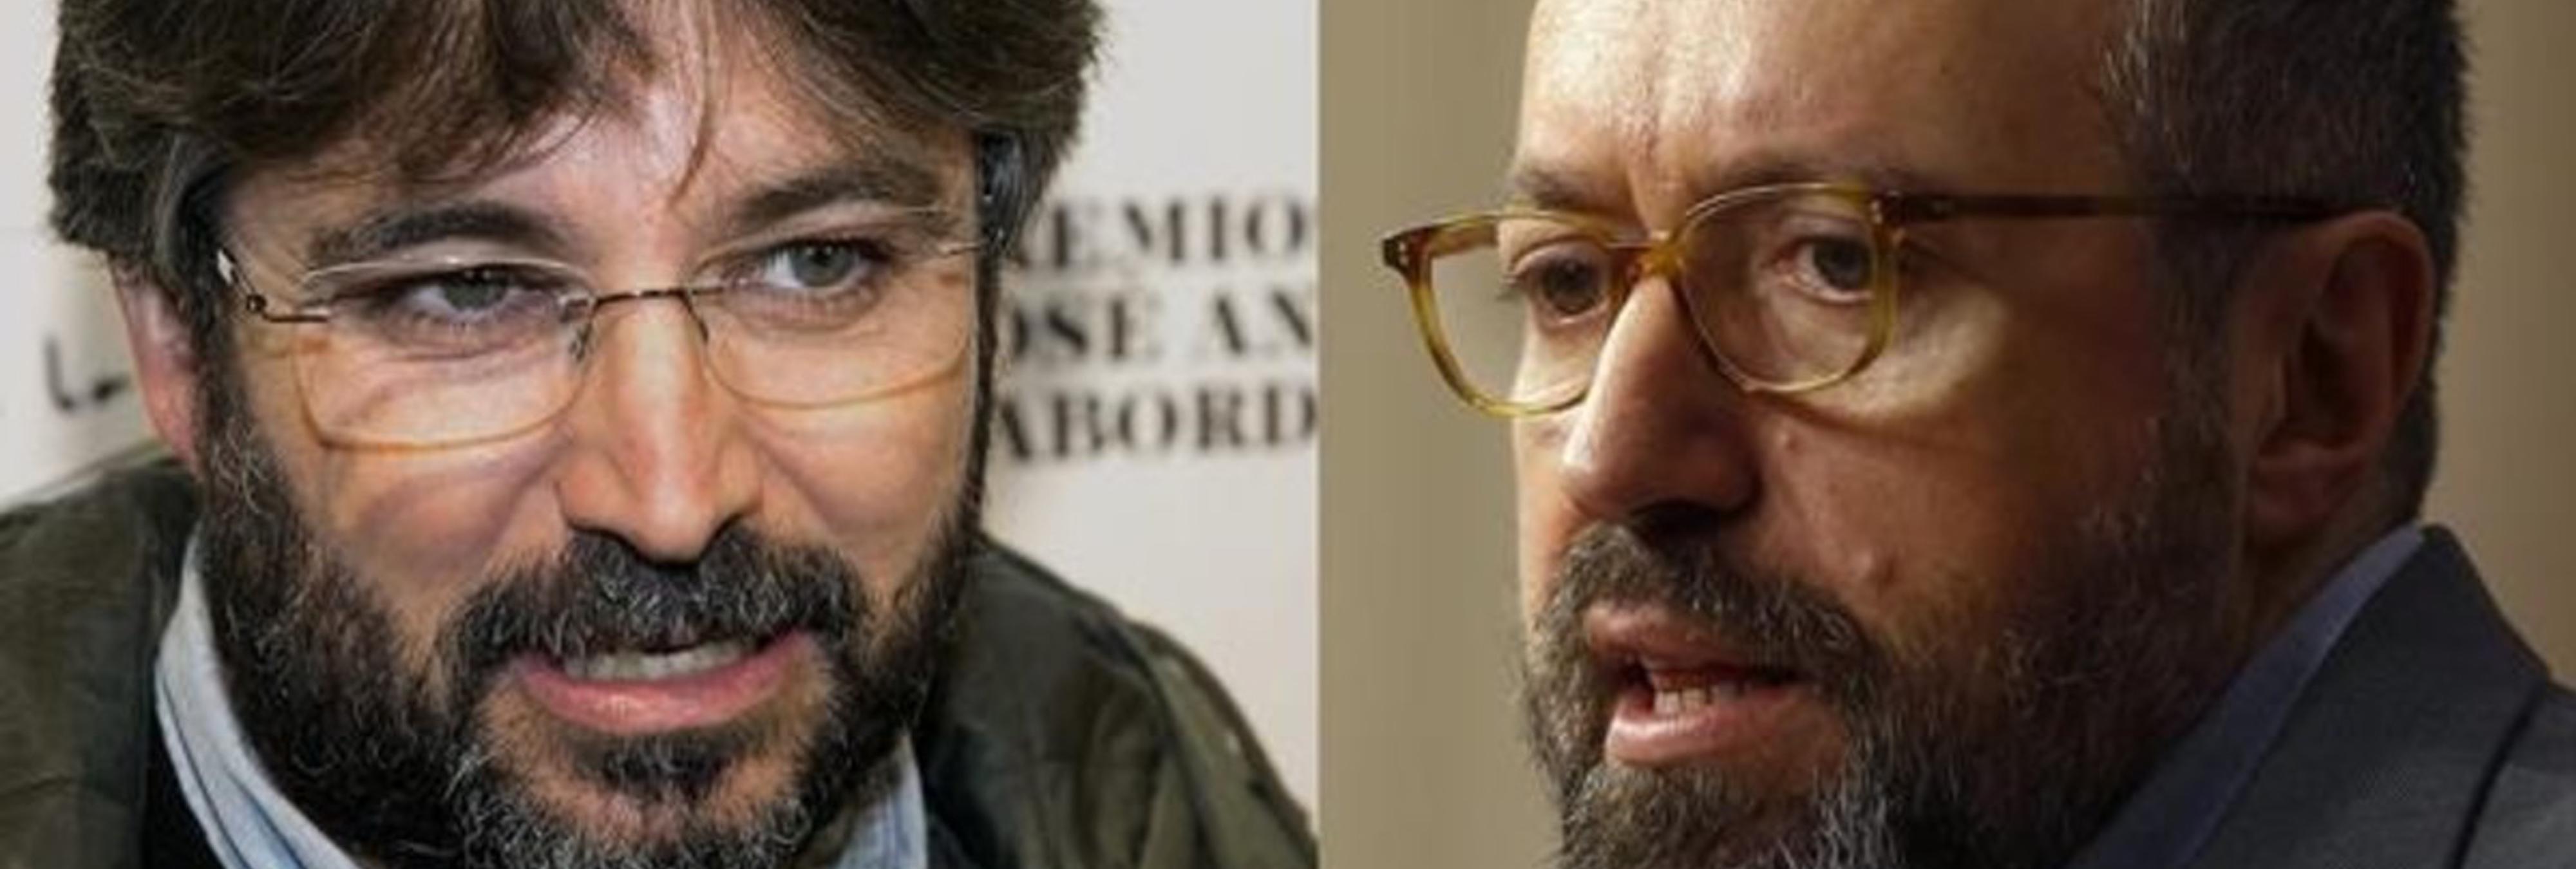 """El portavoz de Ciudadanos a Évole: """"Te veo más de quedar con Otegi"""""""